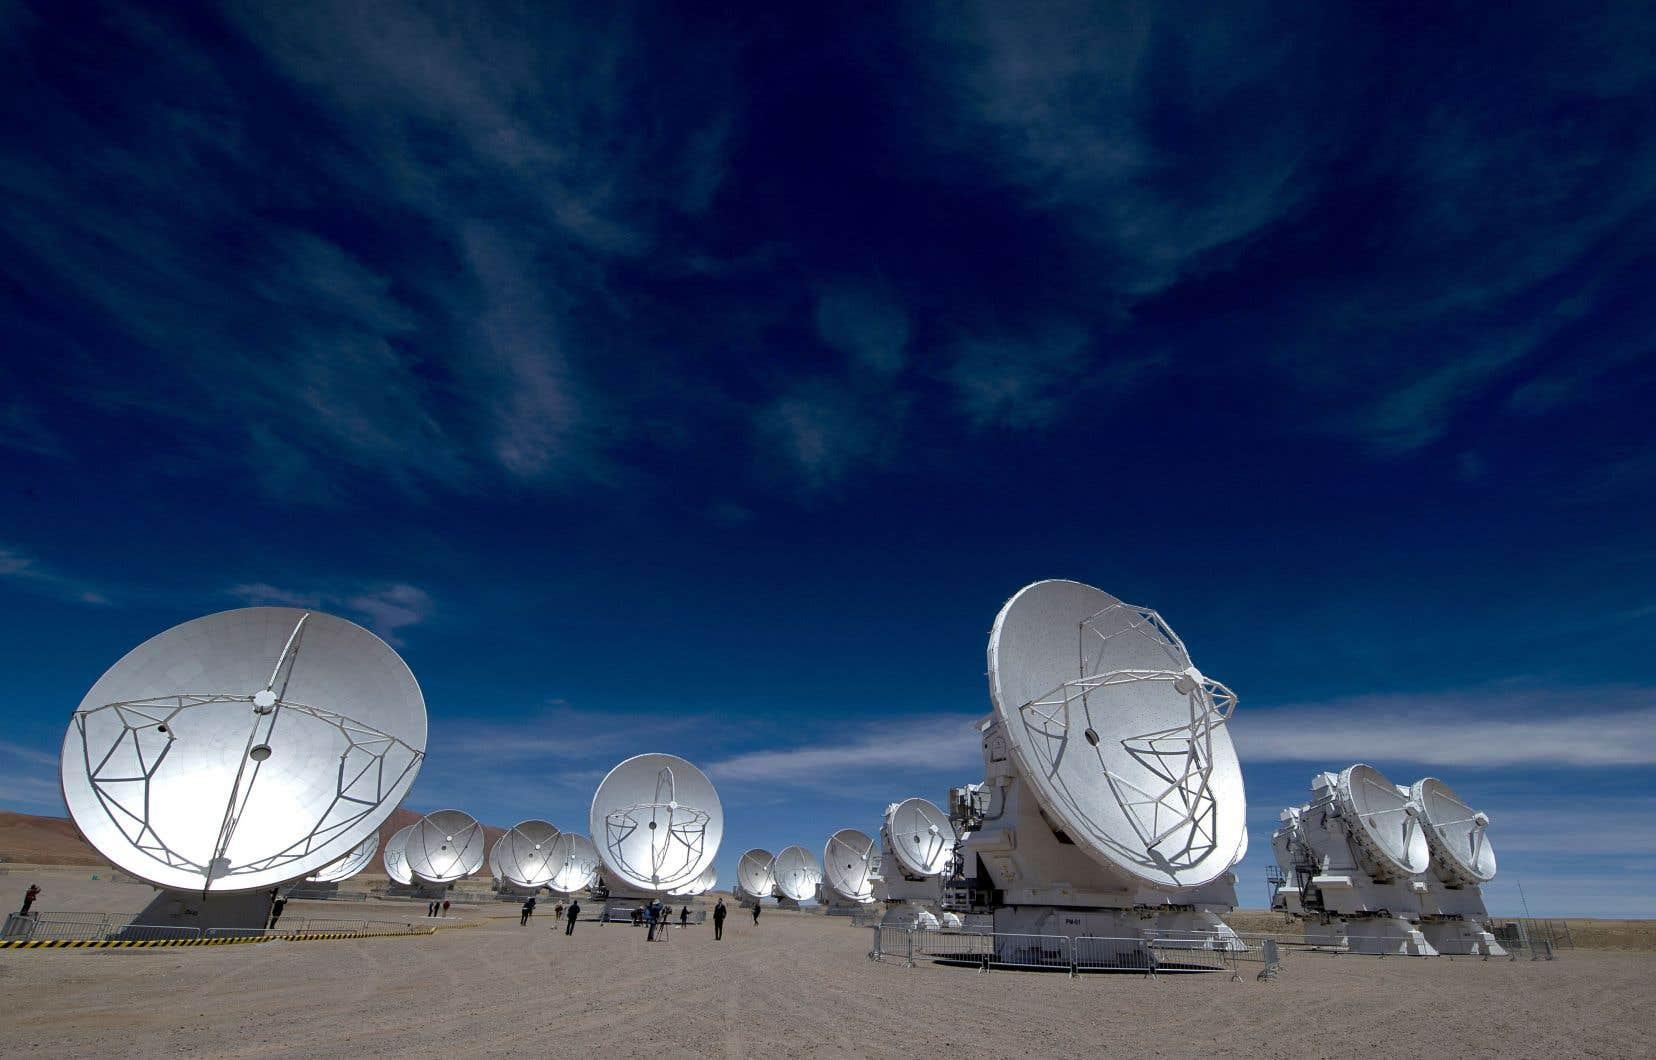 Implanté dans le désert de l'Atacama à 5000 mètres d'altitude, ALMA est un radiotélescope très puissant composé de 66 antennes de grande précision.